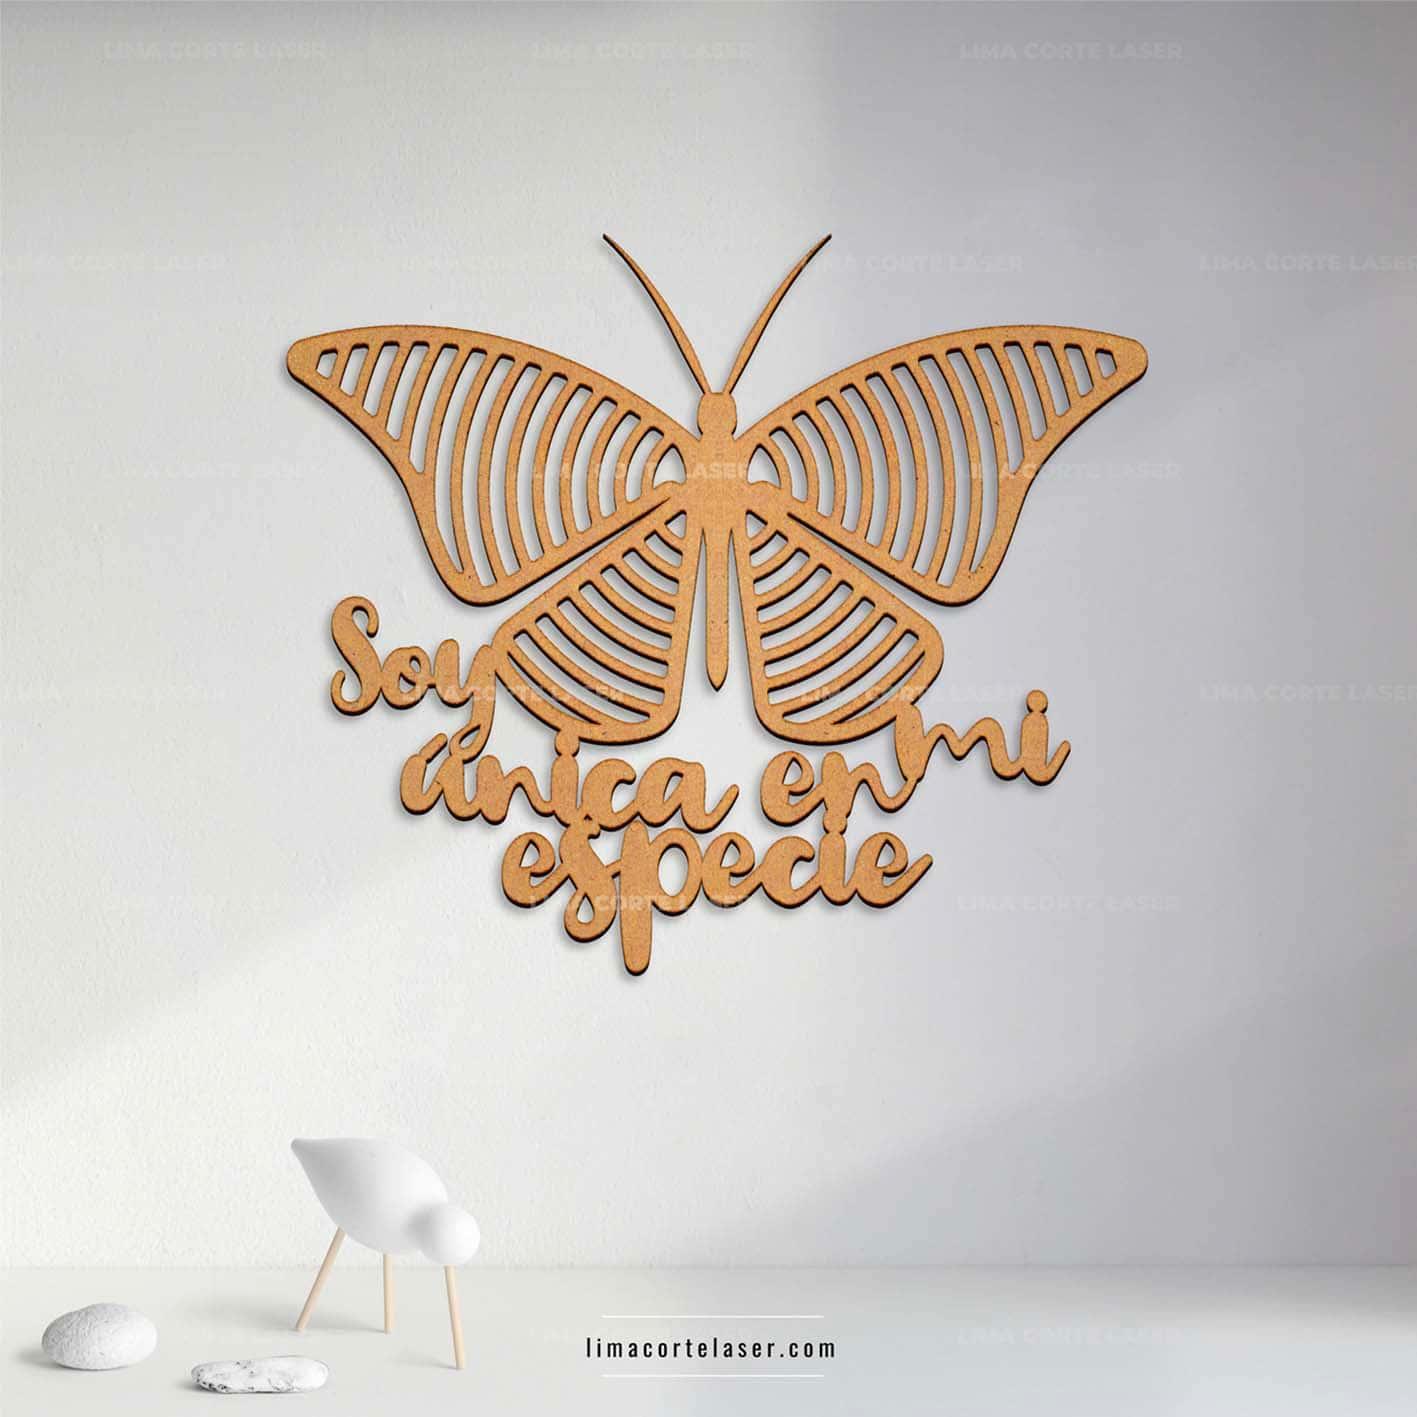 Corte láser MDF con la silueta de una mariposa en formas geométricas